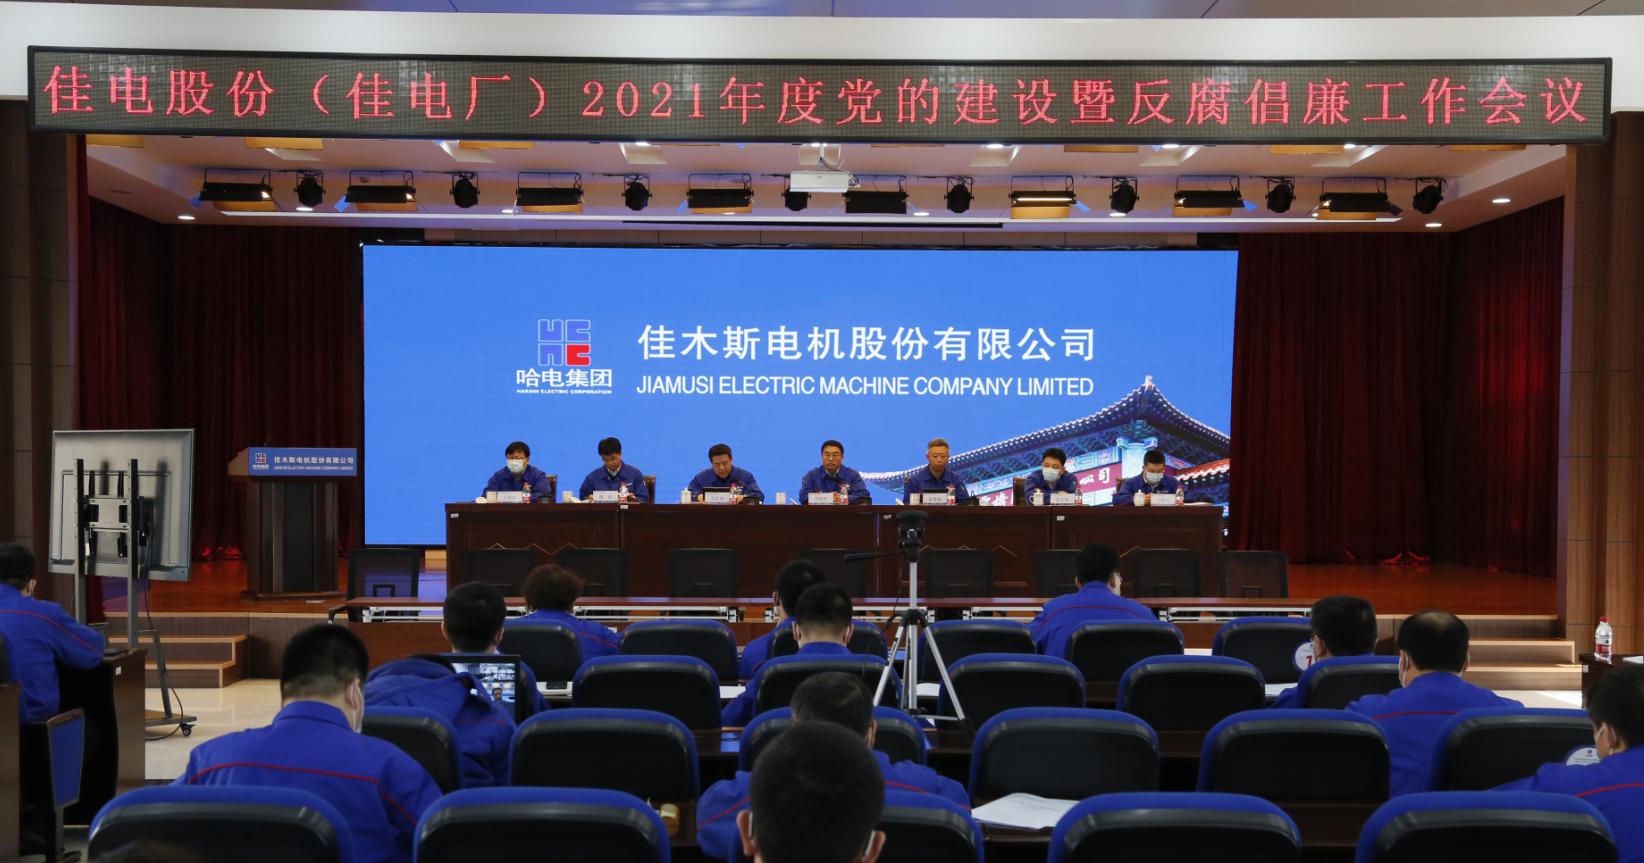 哈电集团佳电股份召开2021年度 党的建设暨反腐倡廉建设工作会议